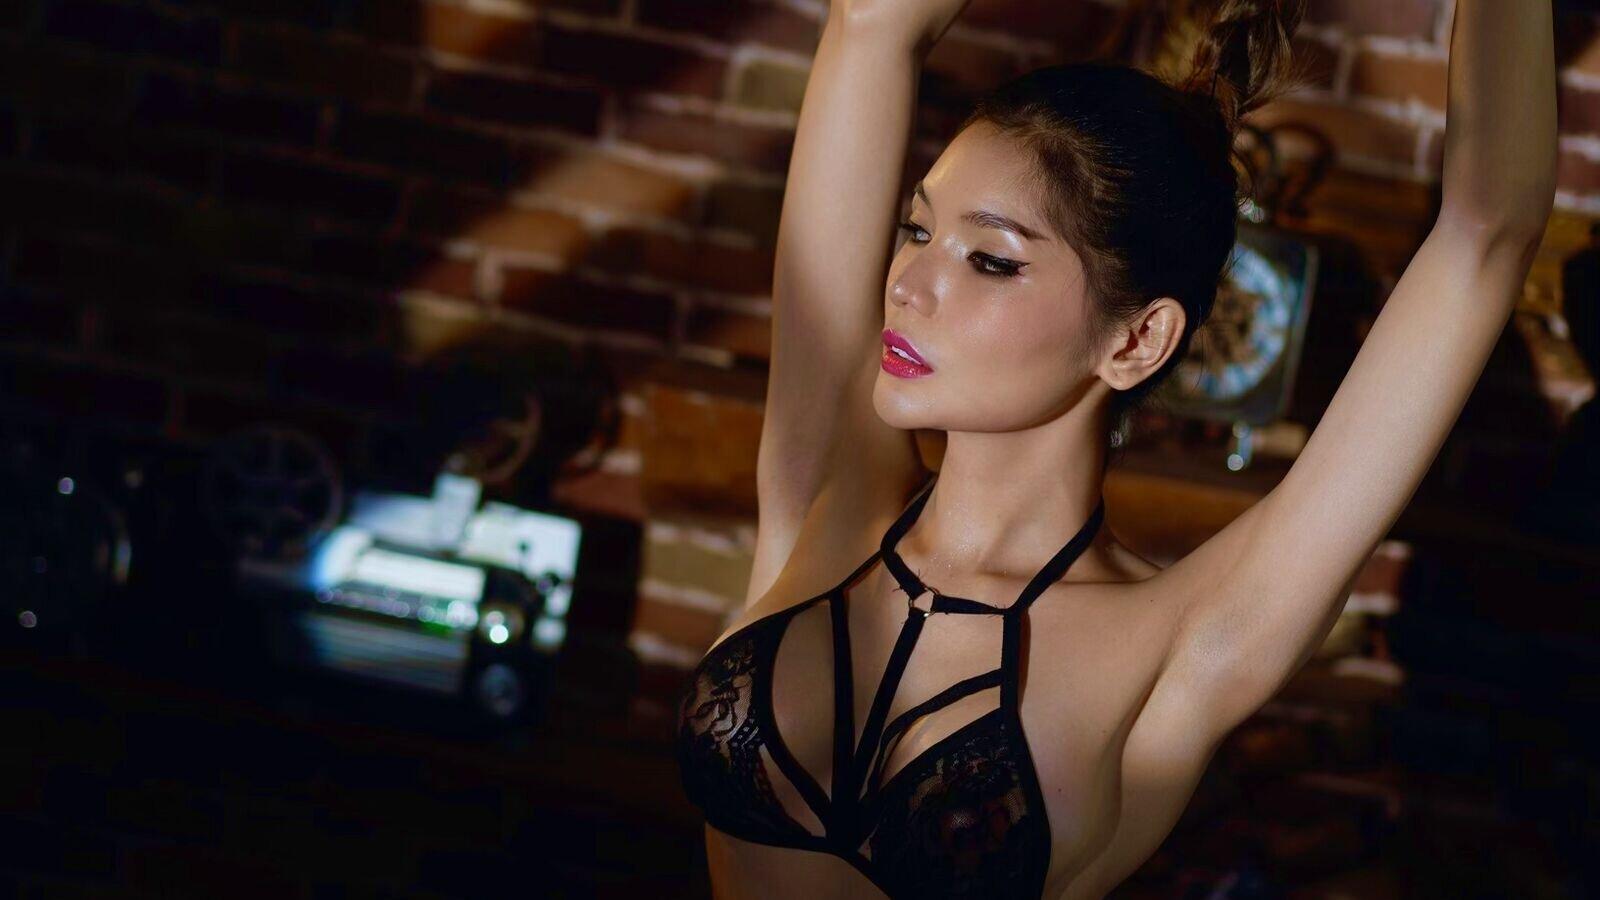 JennyZhang